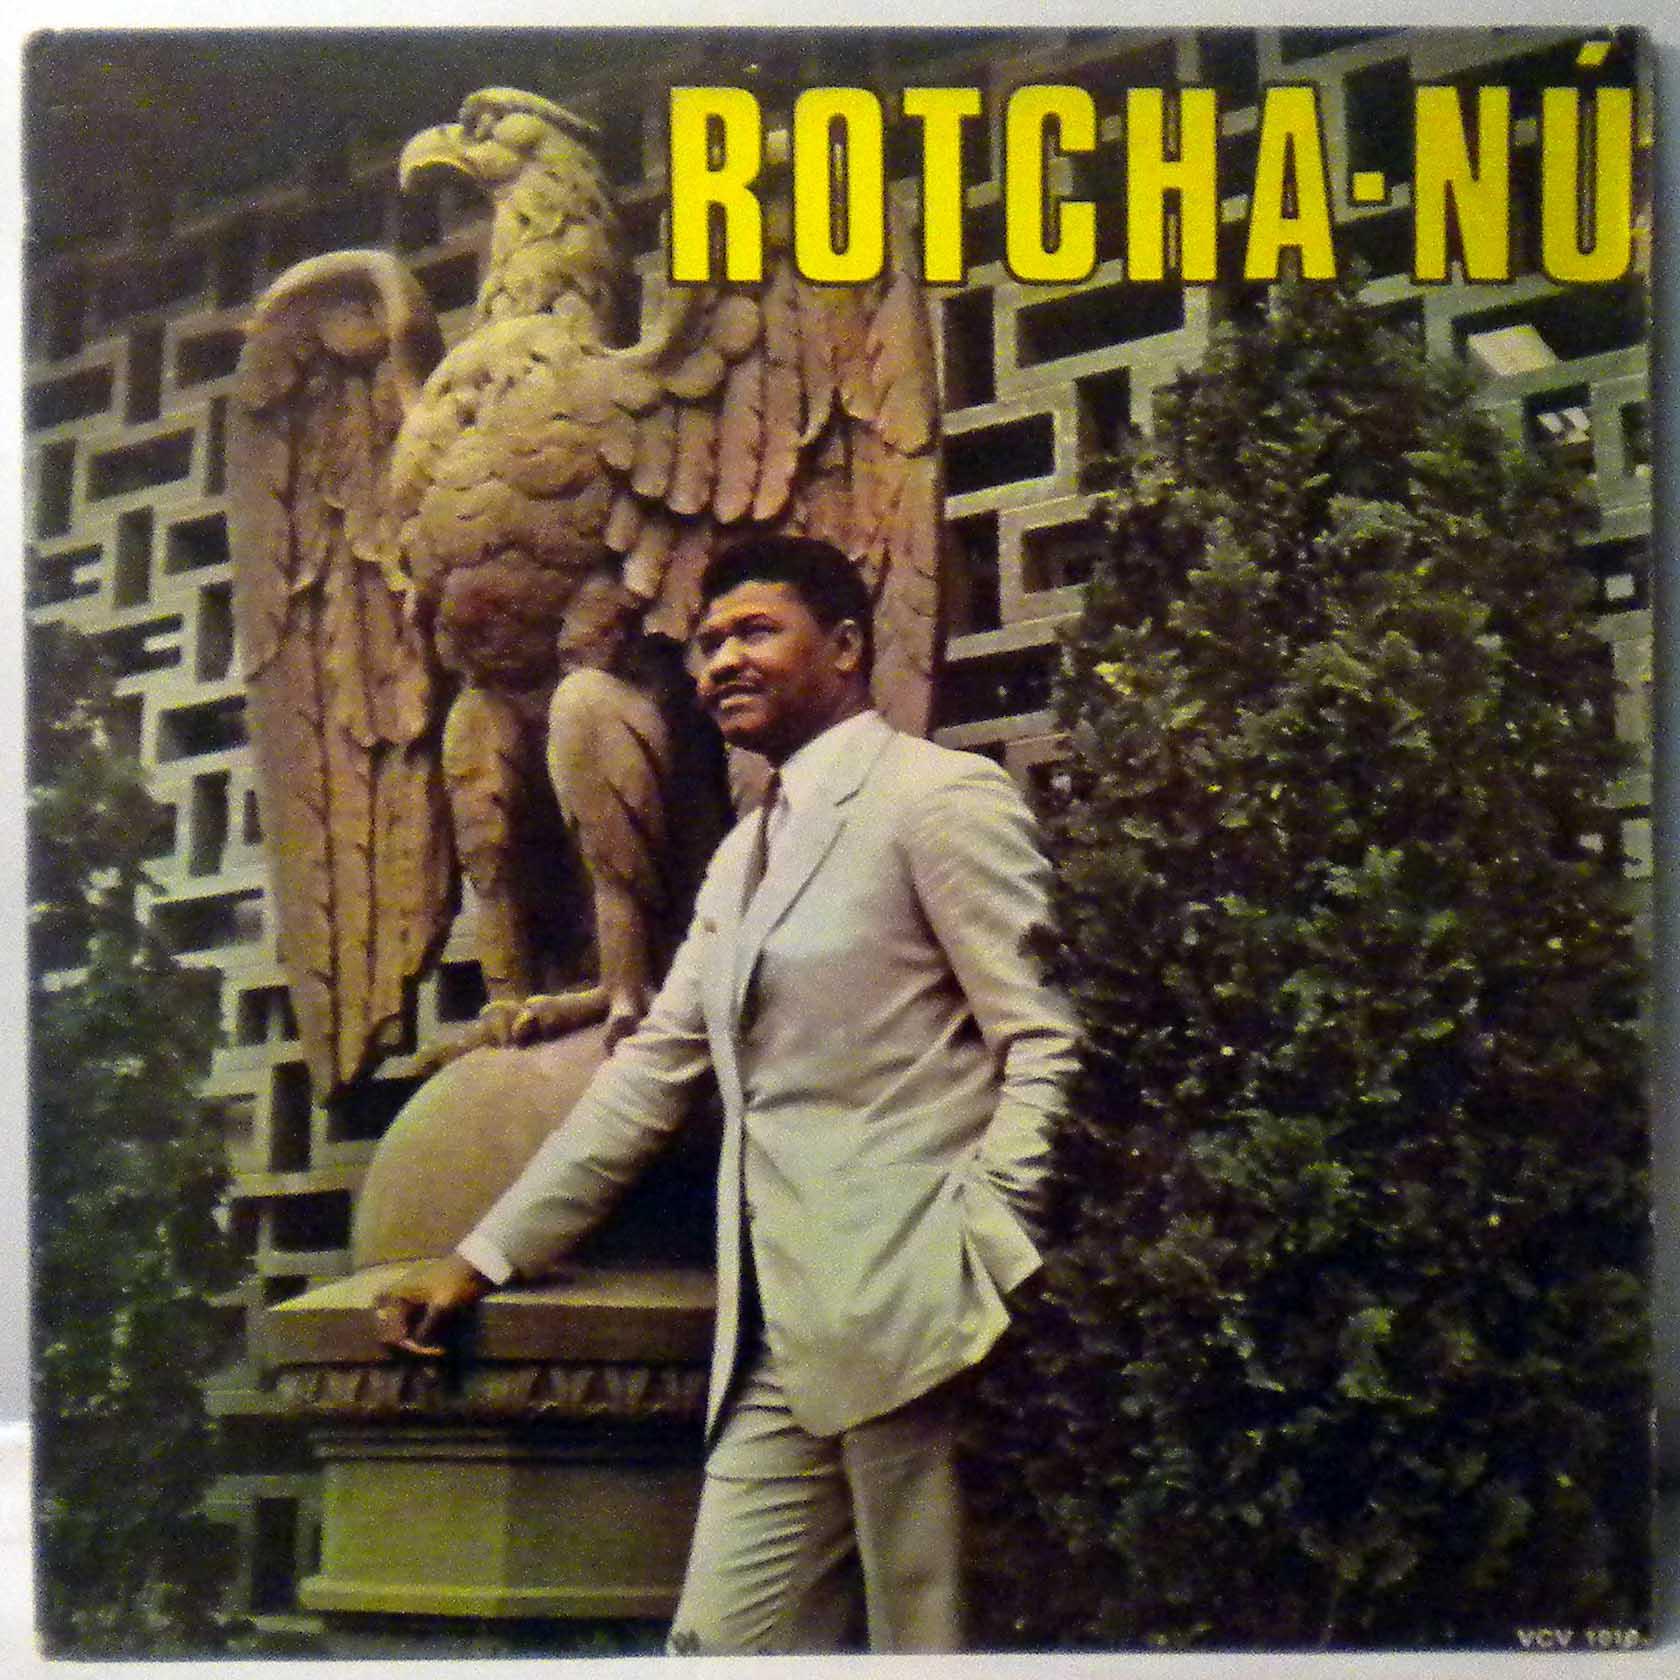 BANA - Rotcha-nu - LP